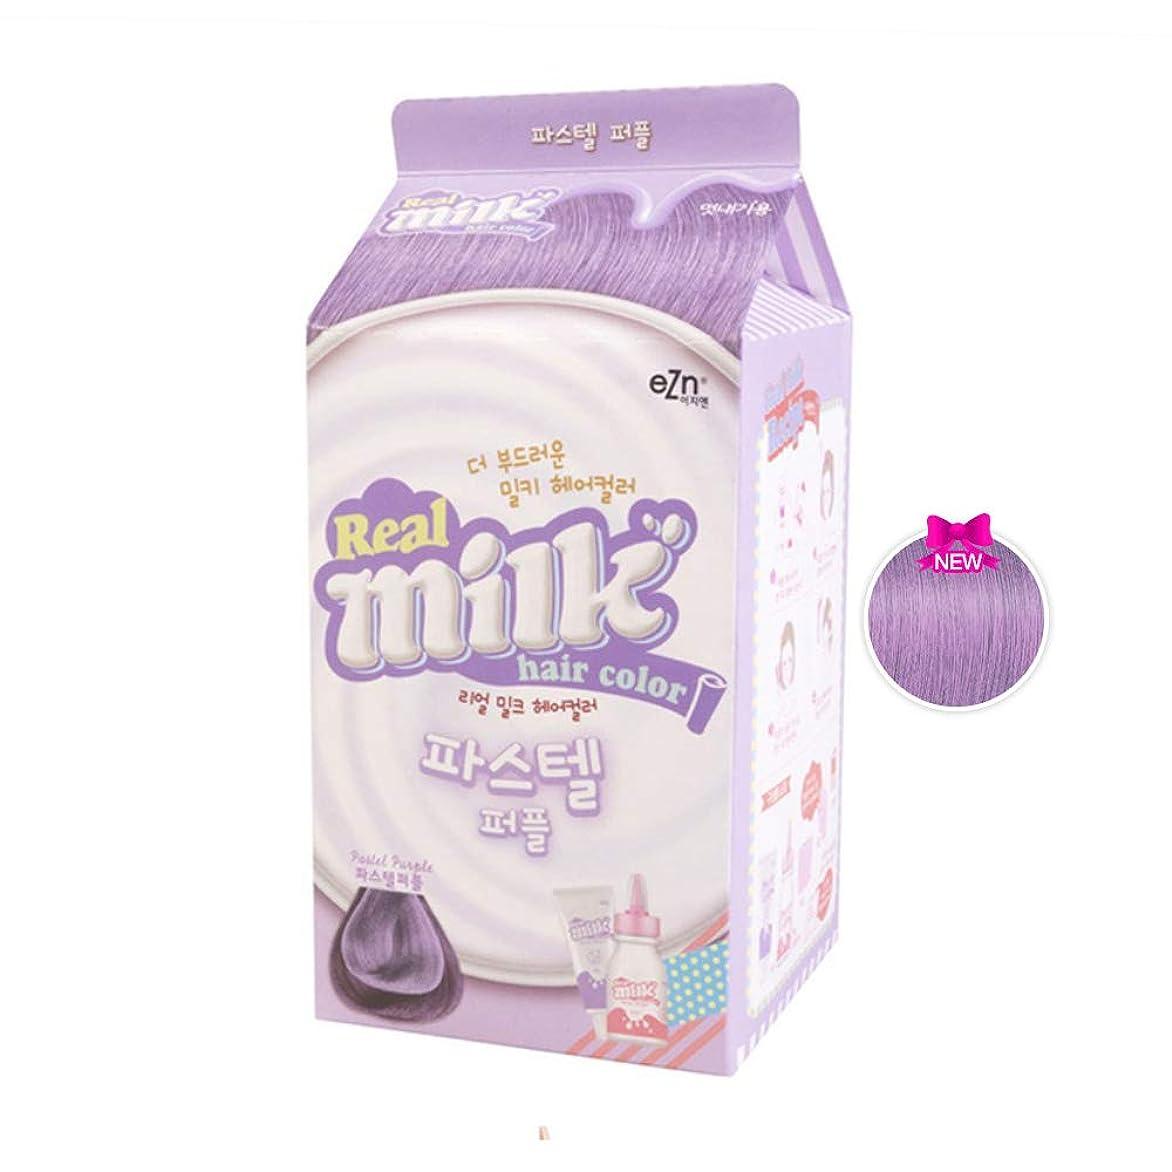 法律により遠近法密接に(Pastel Purple) パステル ヘア 4カラー 染色 牛乳 たんぱく Real 栄養 Real Smooth 紫外線遮断剤含有 Hair Dye 並行輸入